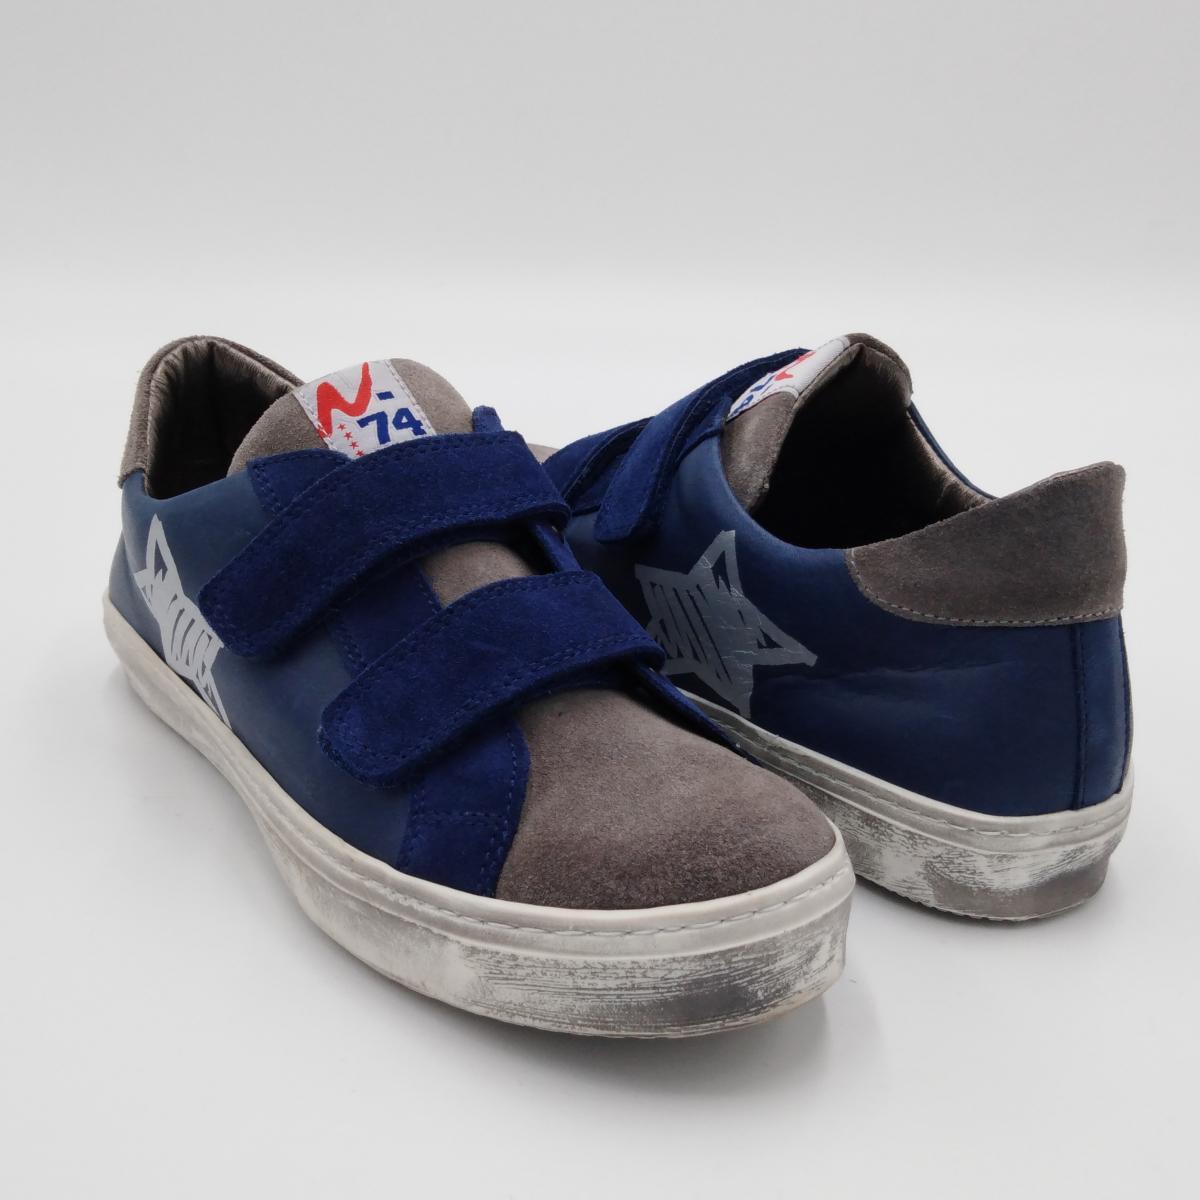 Naturino 3960 vl -Sneaker...